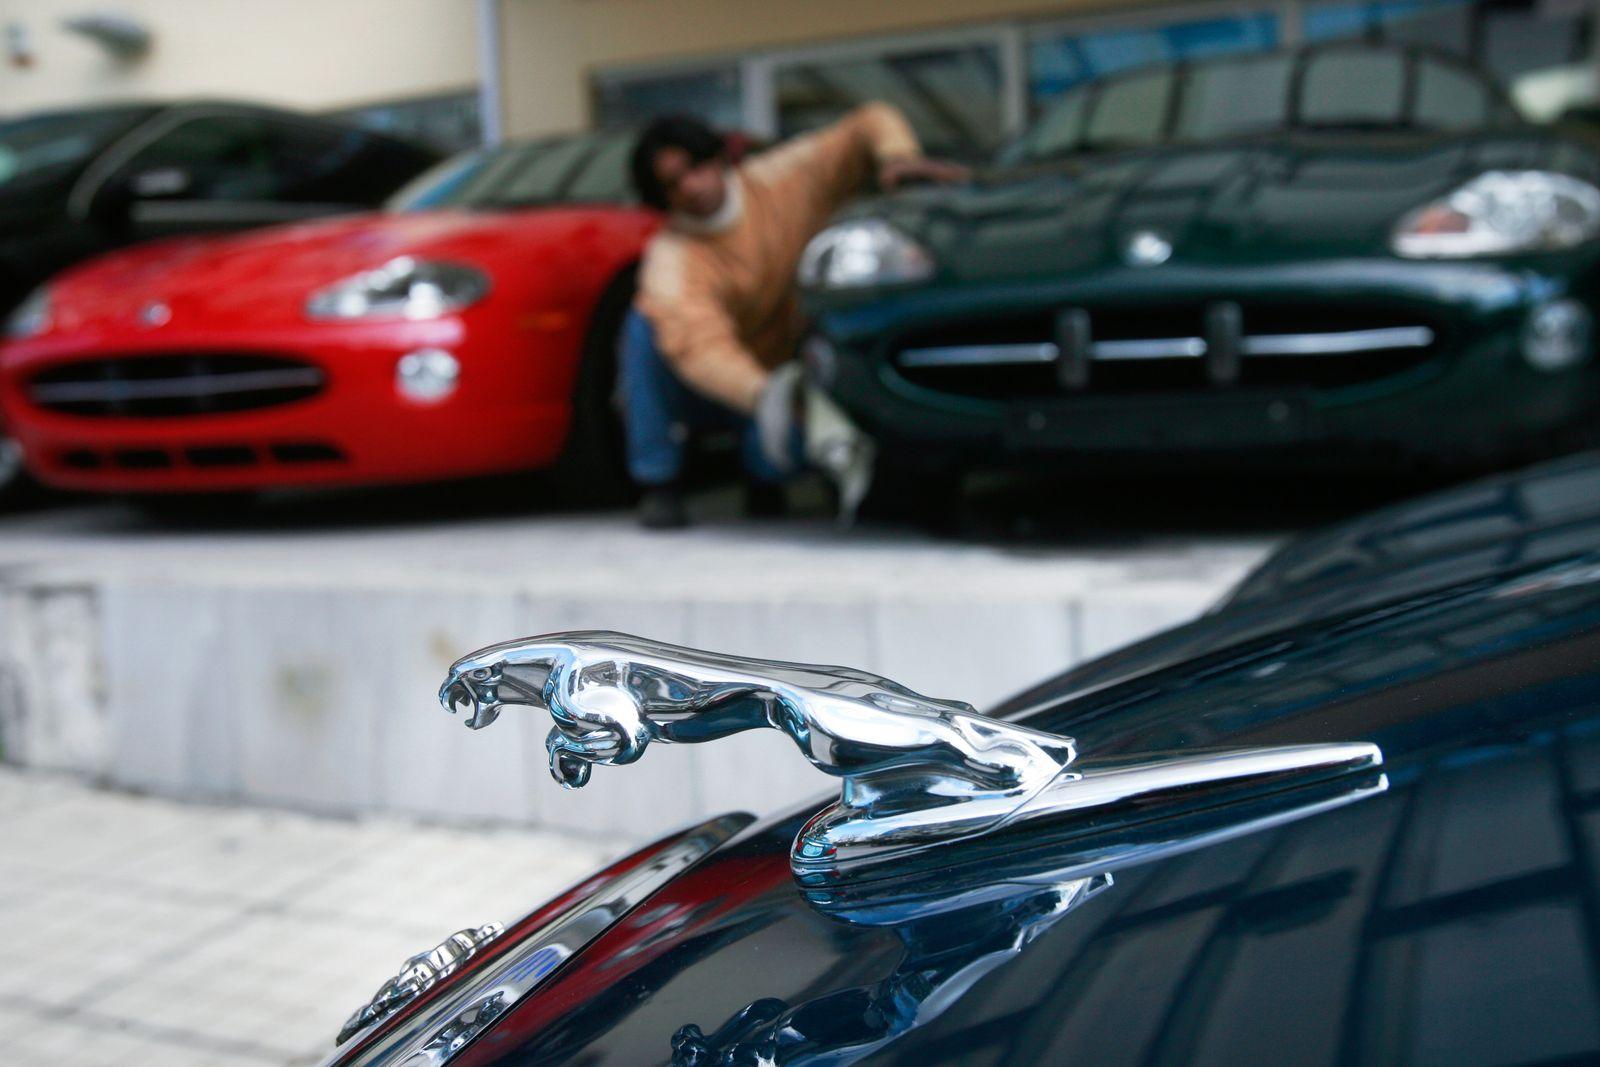 Griechenland / Reichtum / Reich / Luxus-Autos / Luxus / Steuer